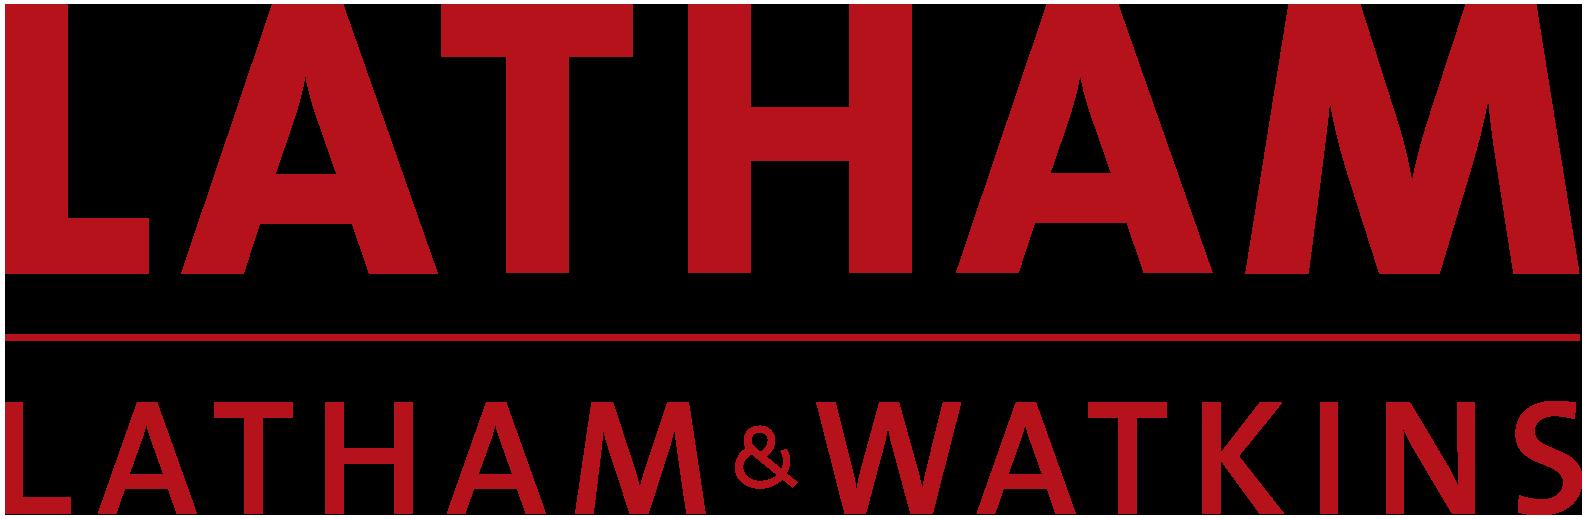 Latham & Watkins (Sponsorship) Logo